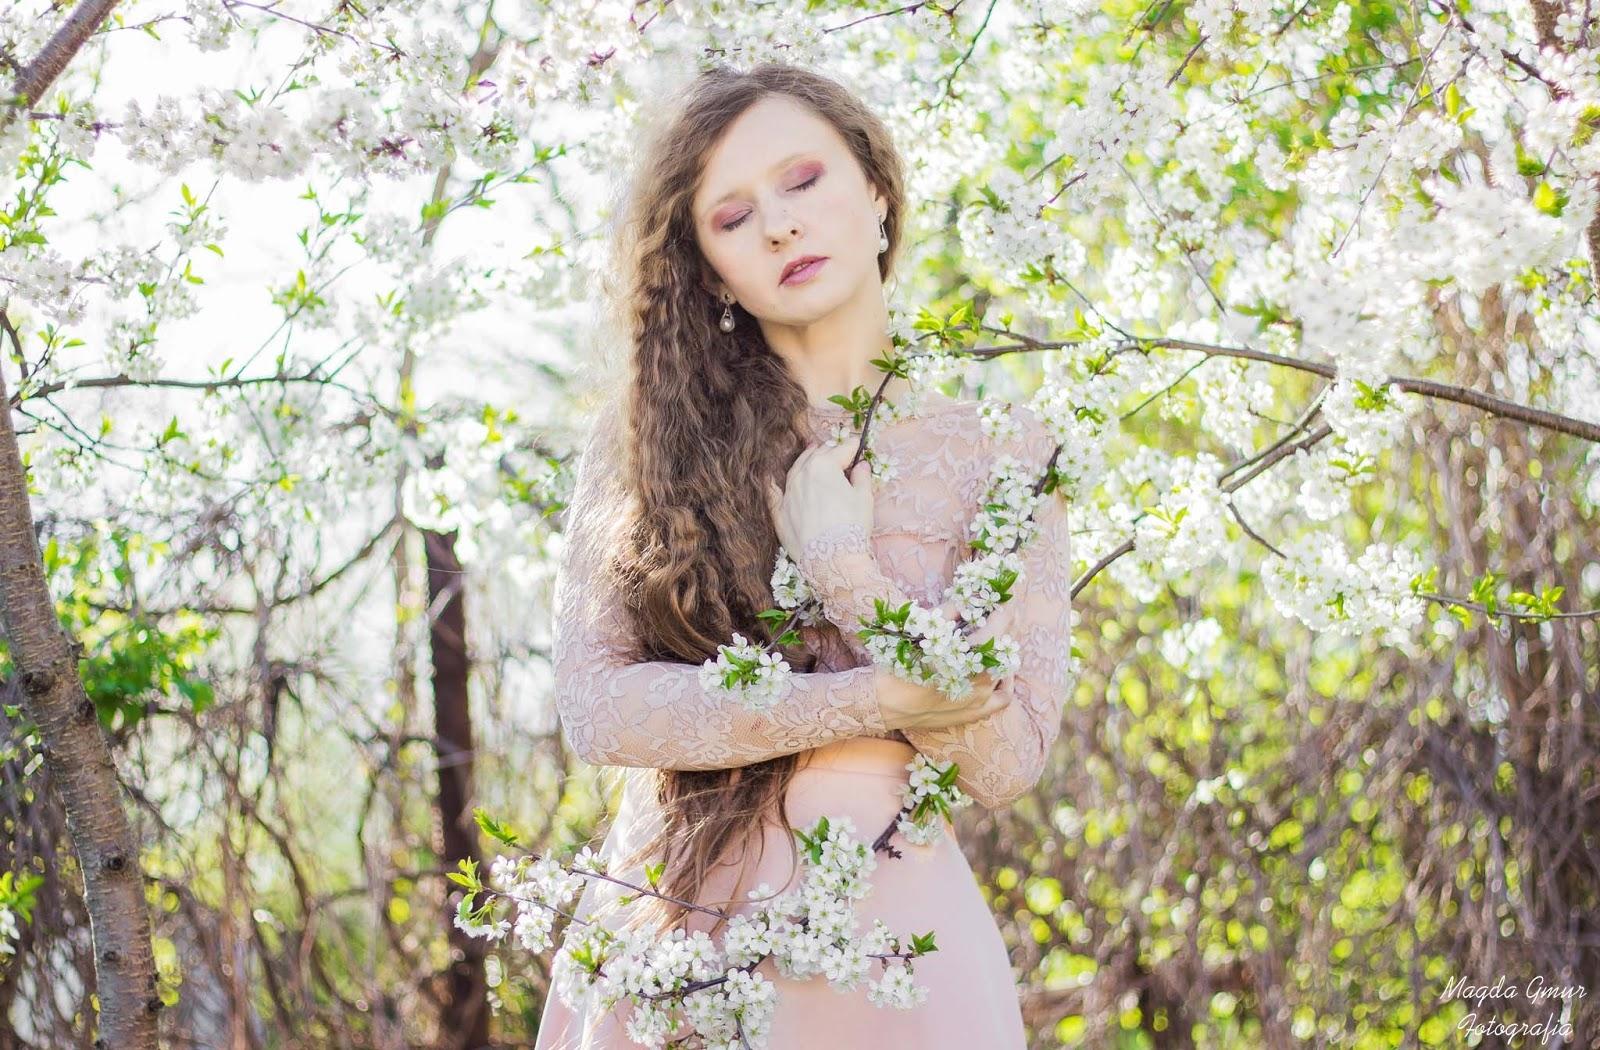 Wiosenna sesja, białe kwiaty, magda gmur fotografia, fotograf lublin